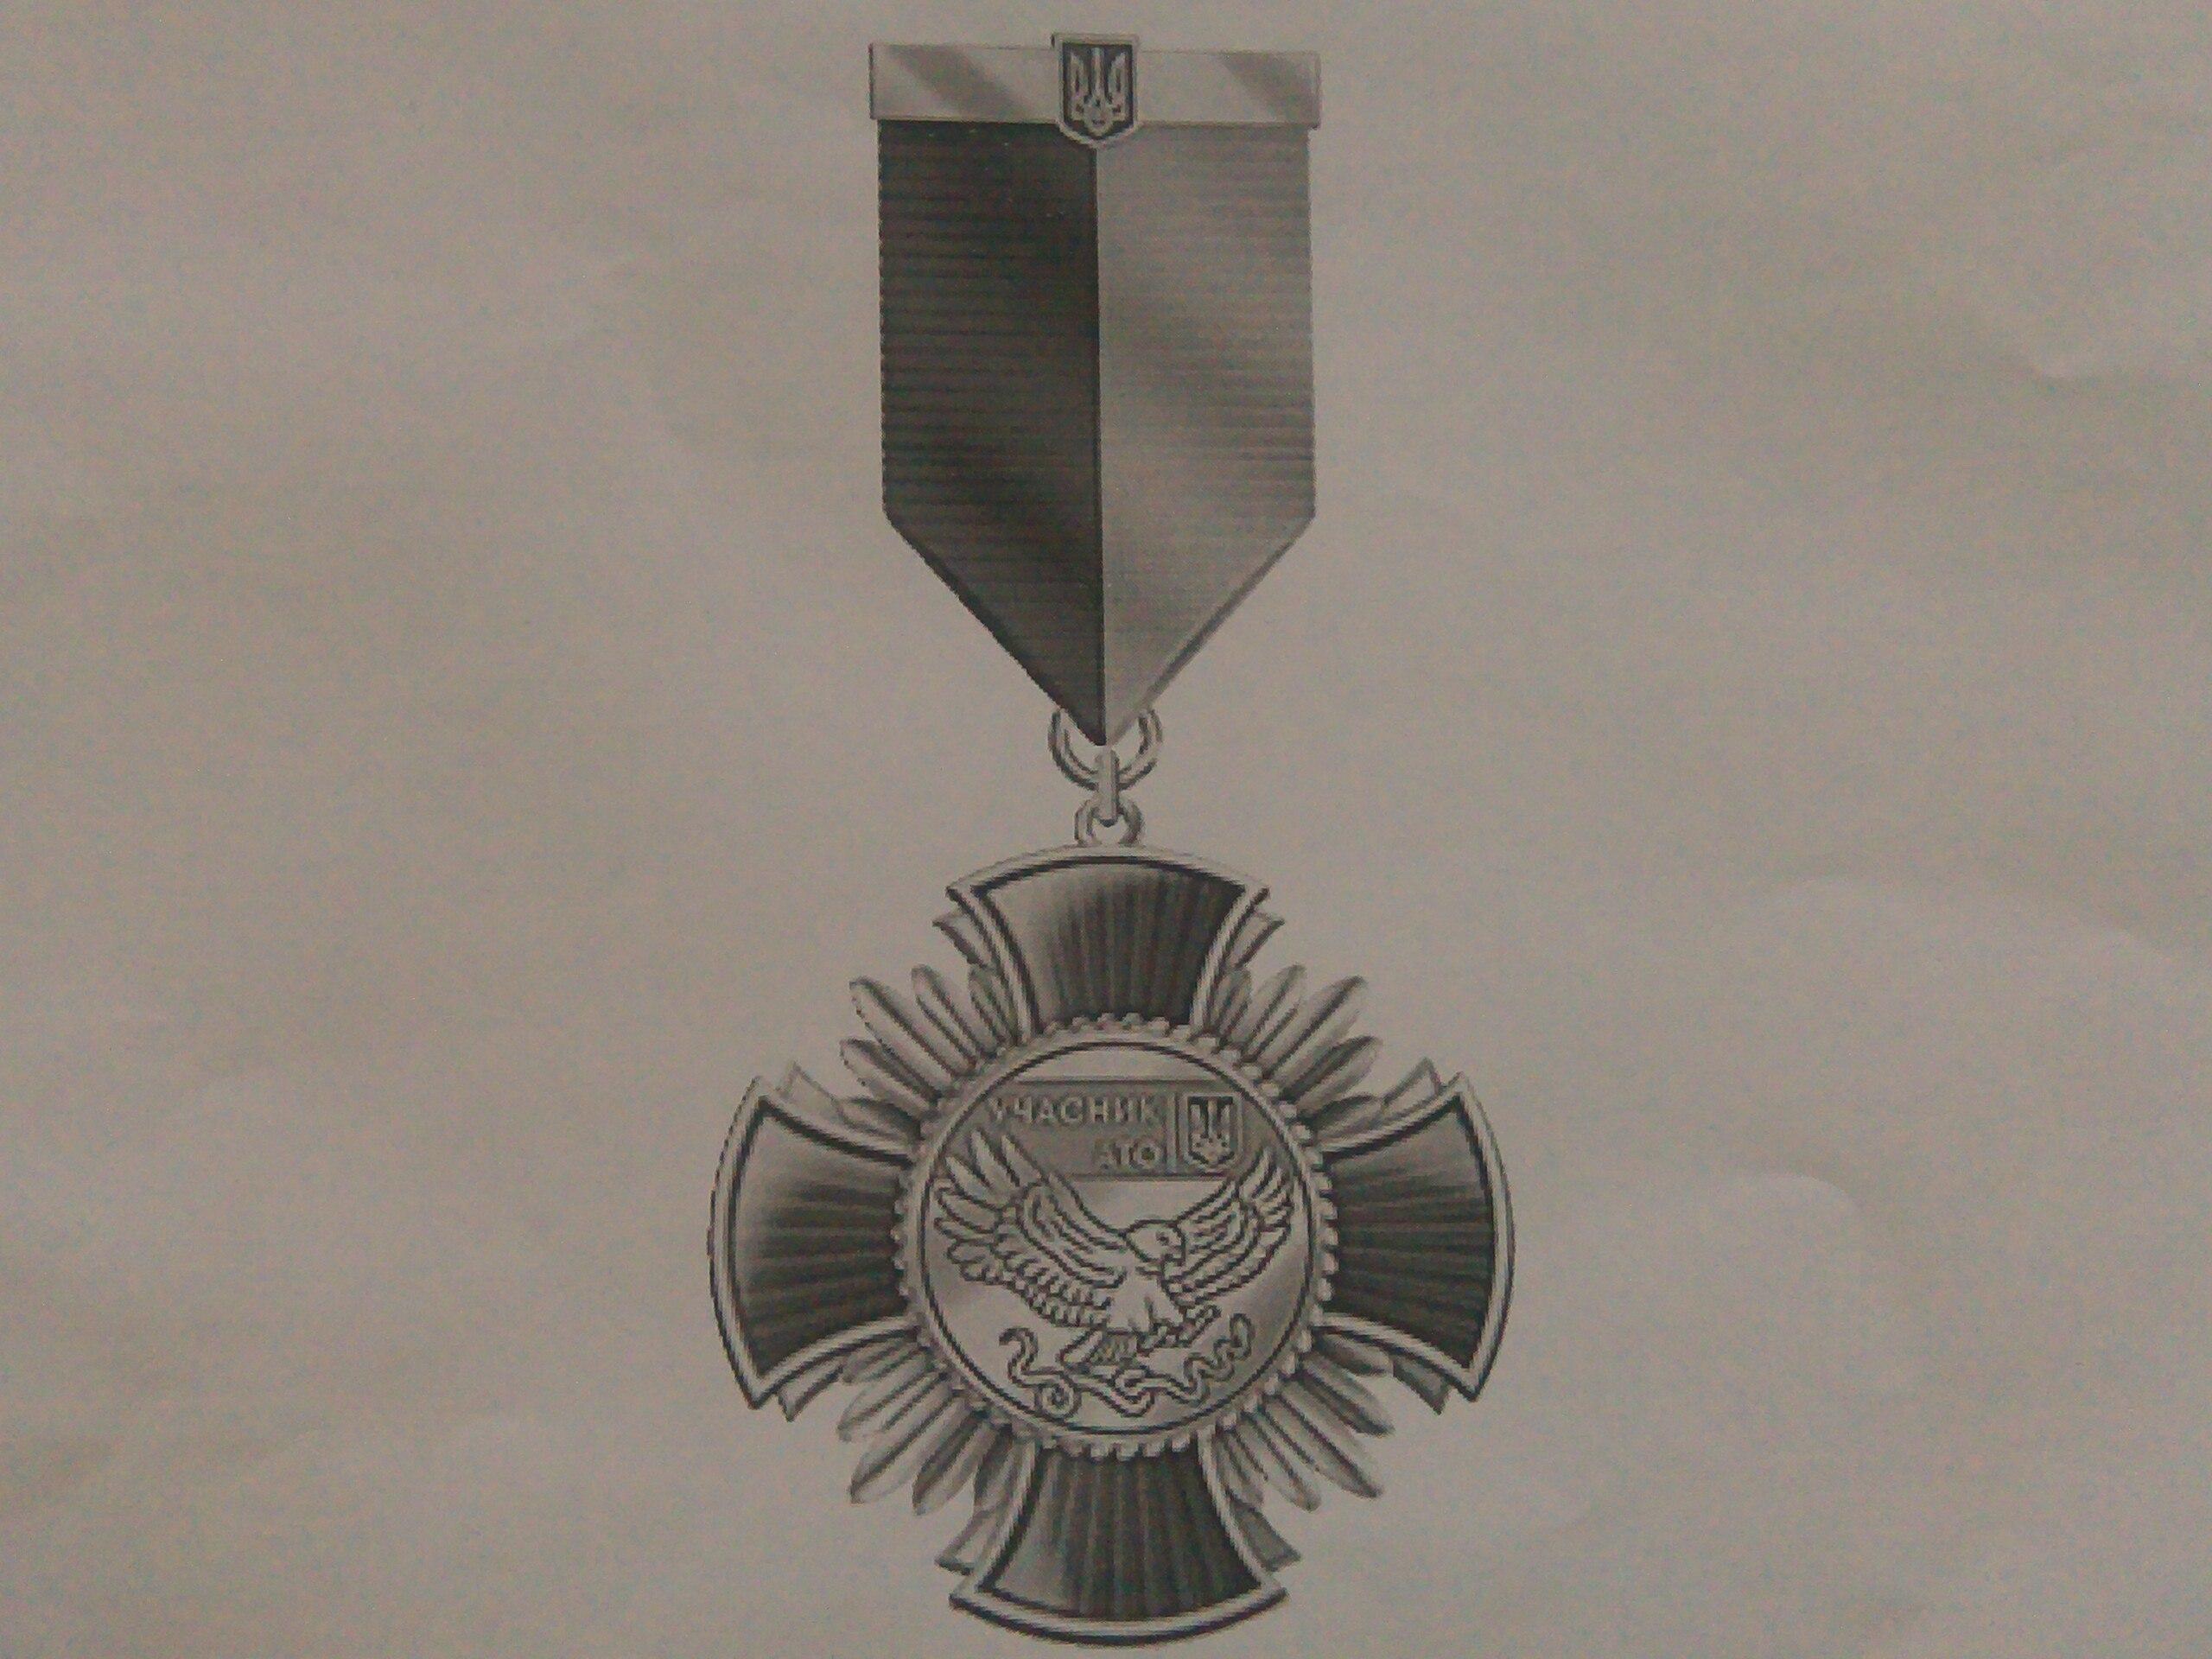 Награда для херсонцев-героев АТО: знаком ли единым?, фото-1